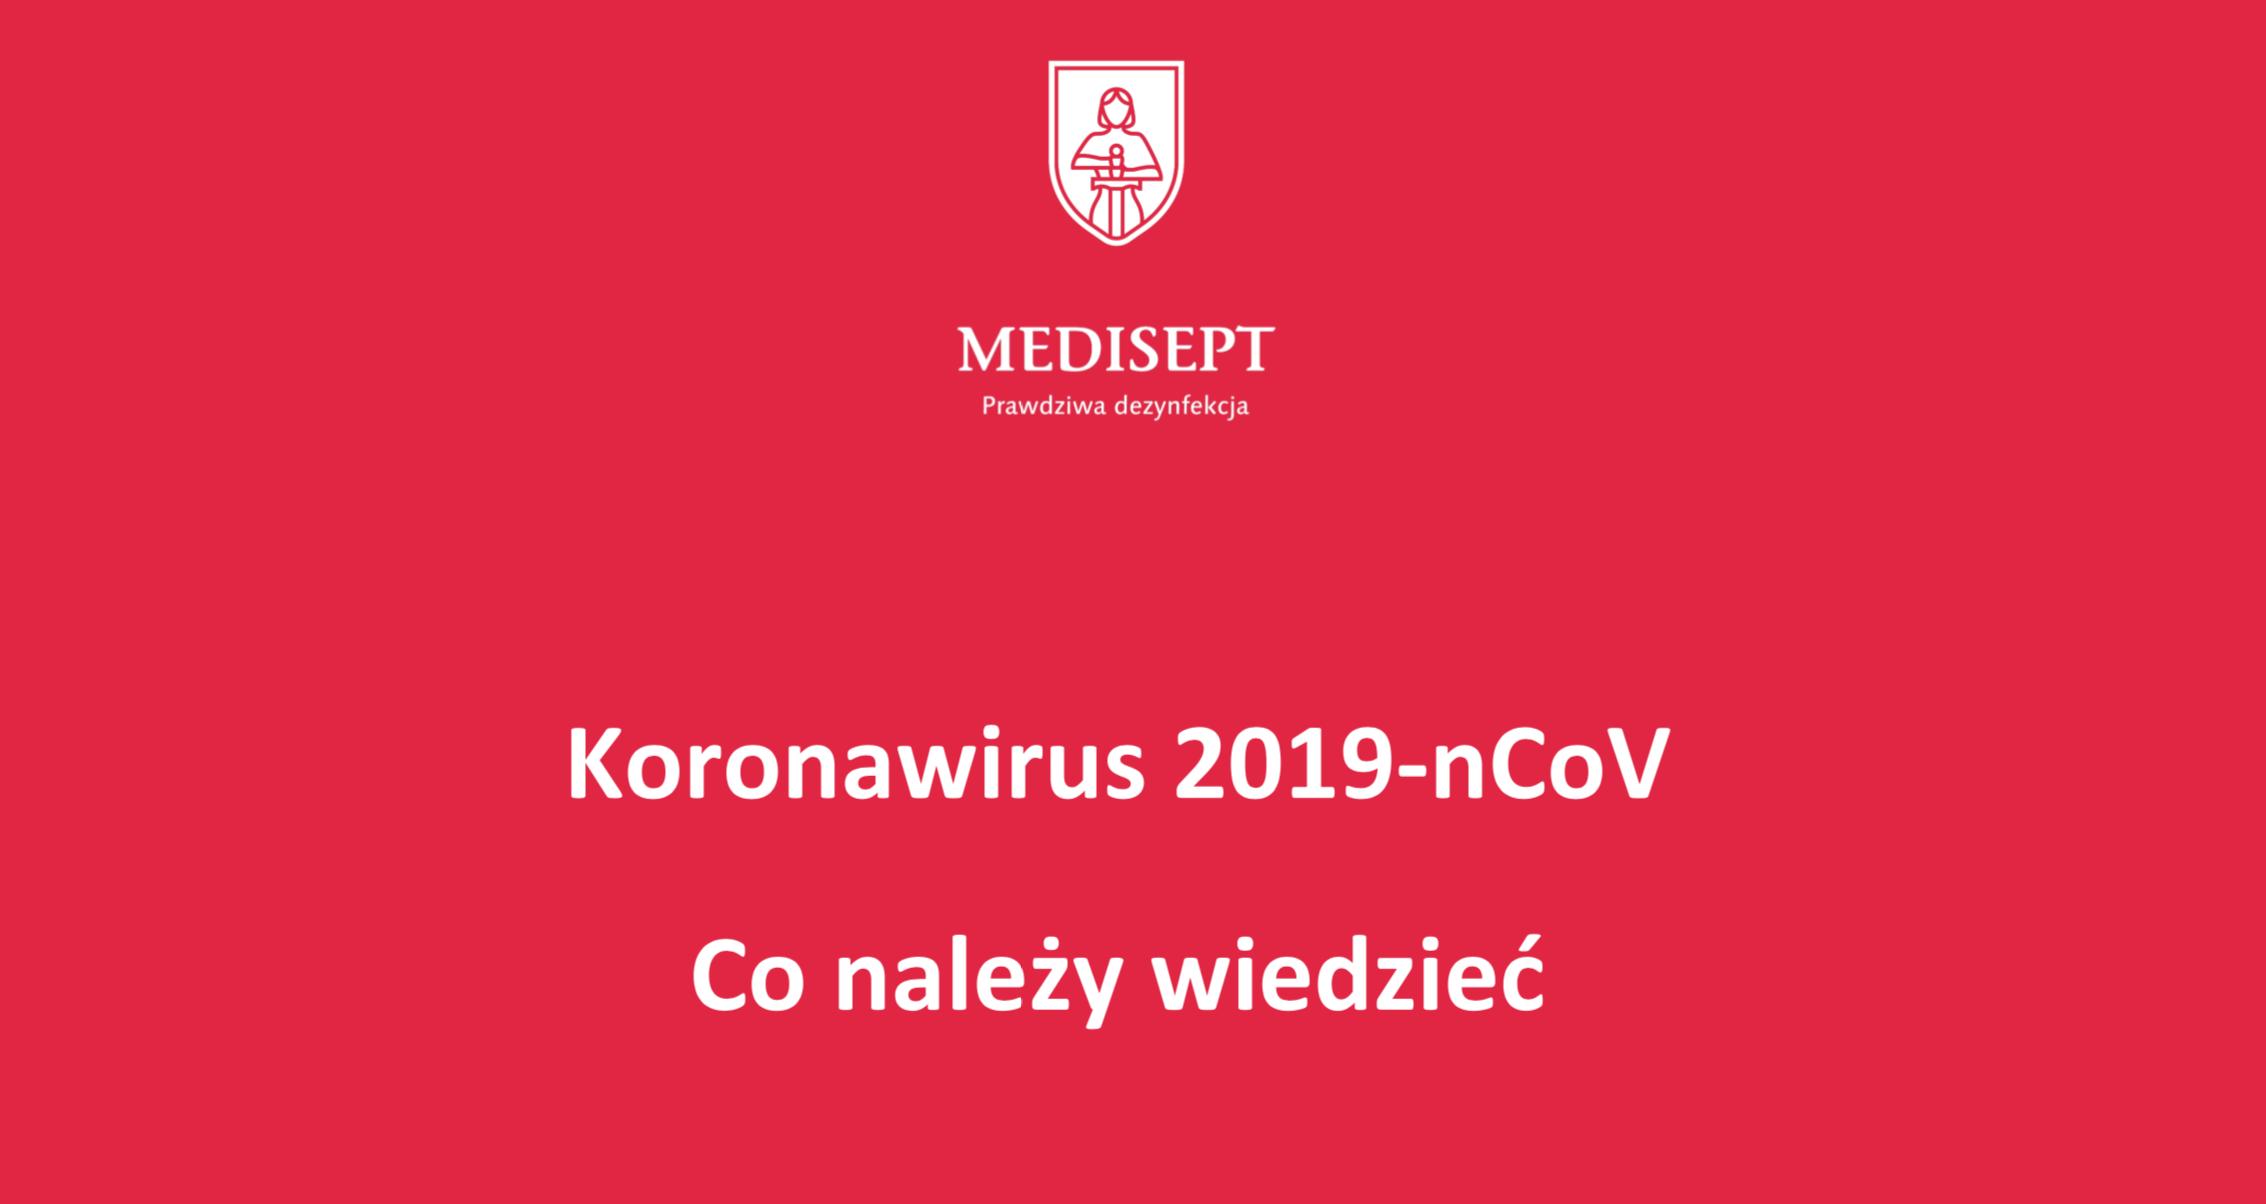 koronawirus-conalezywiedziec